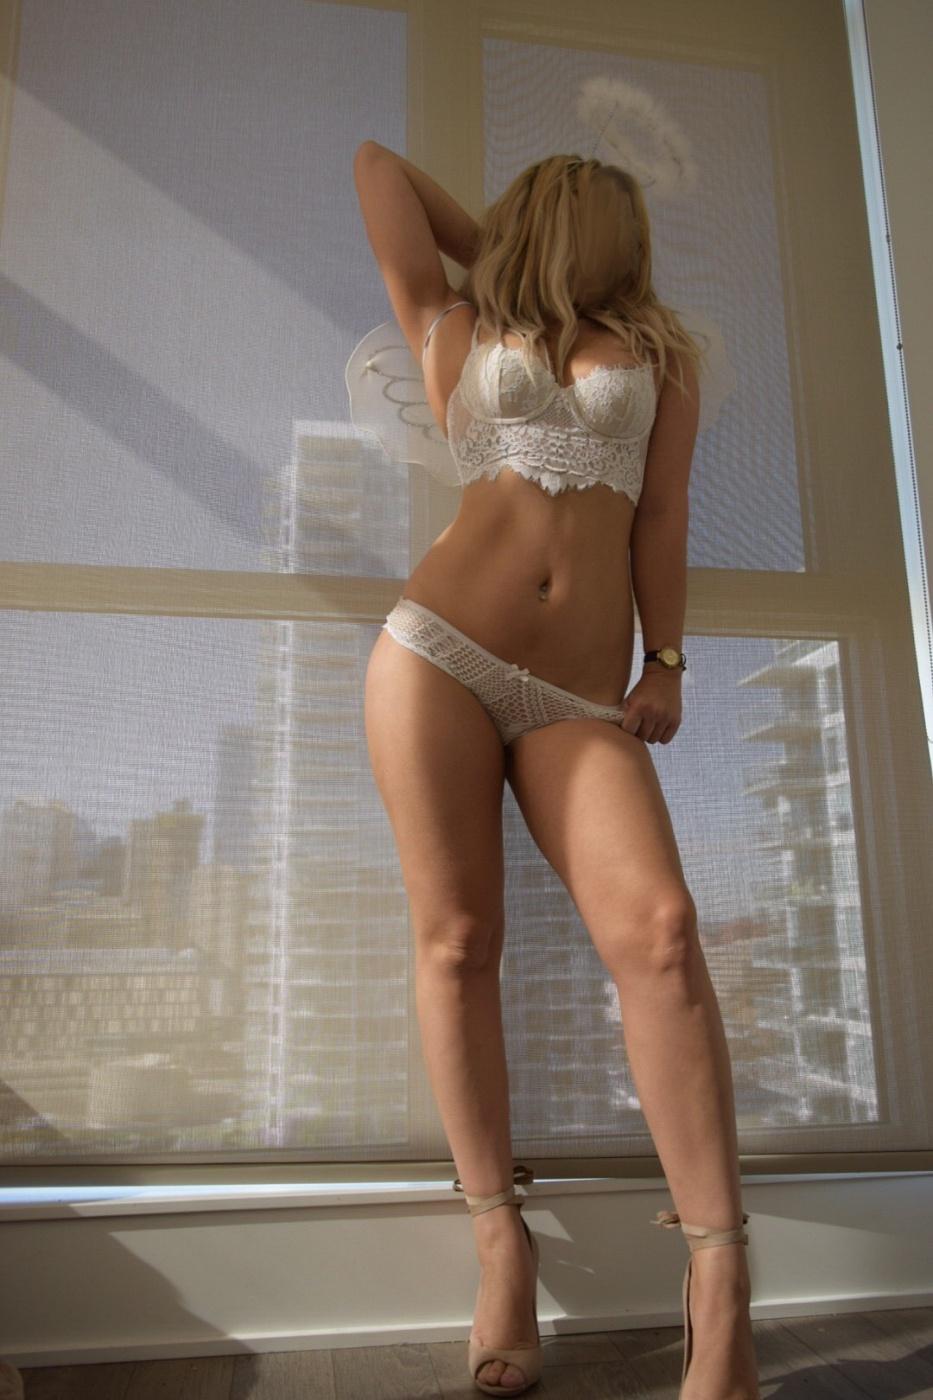 Courtney Powers